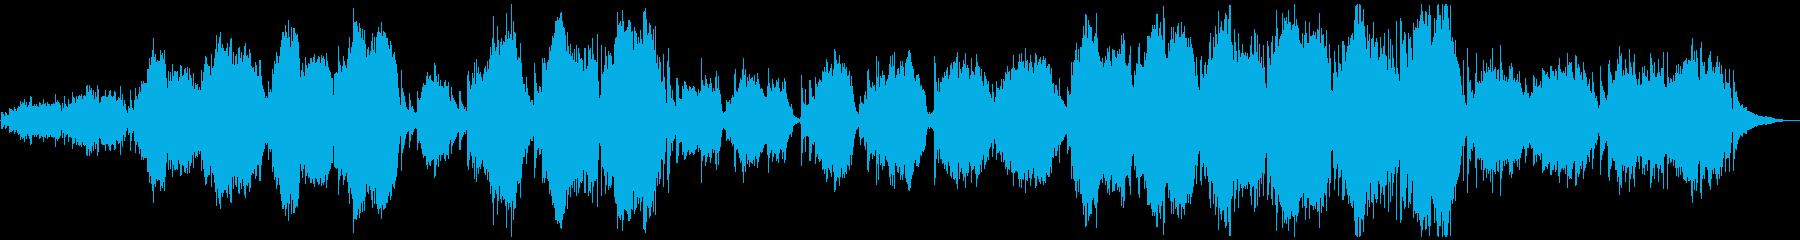 喪失感・寂寥感にじむ劇版的オーケストラ曲の再生済みの波形